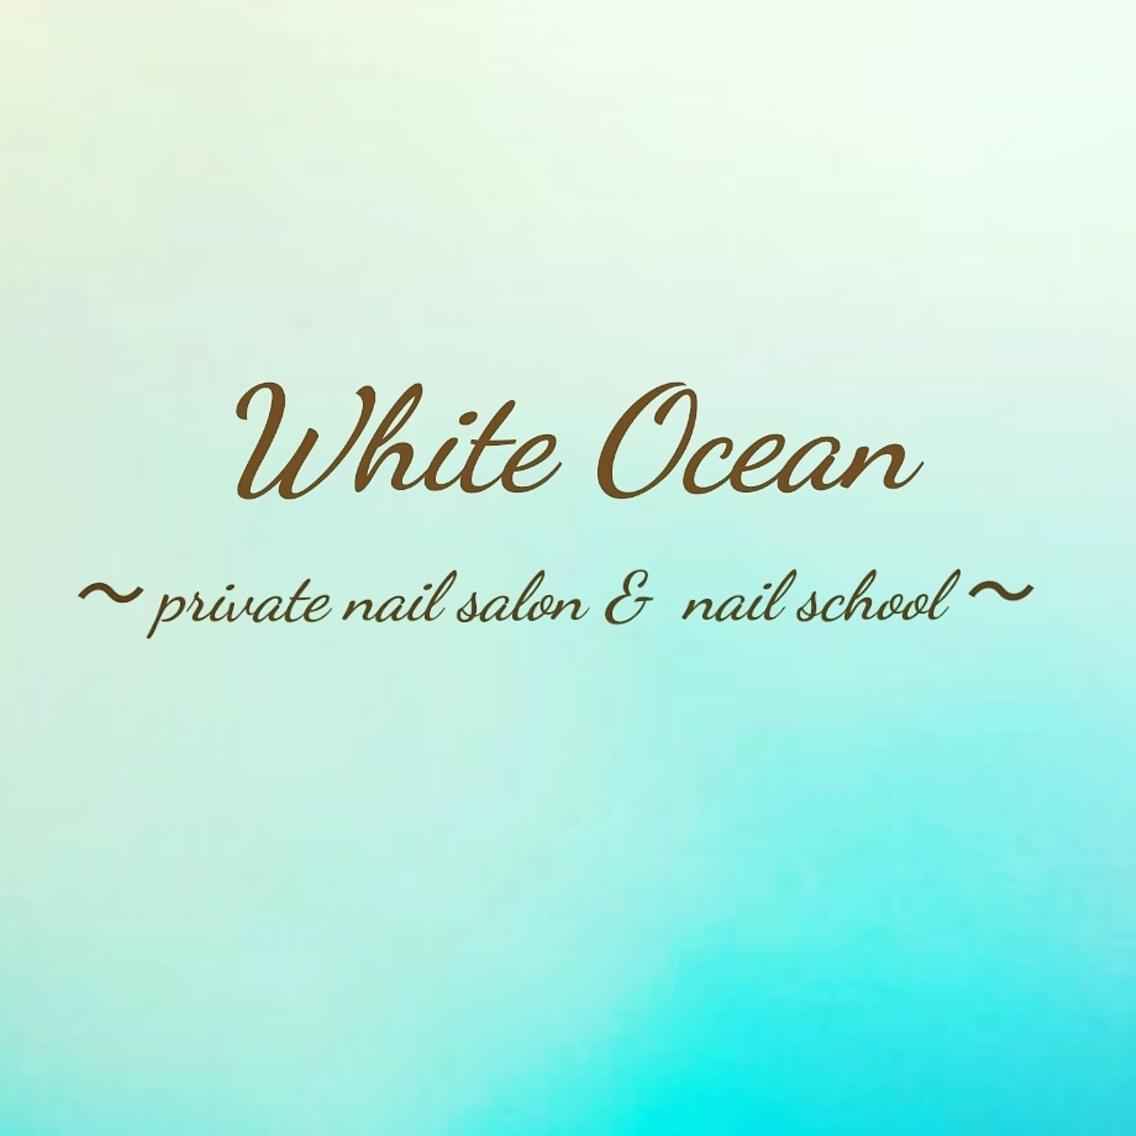 White Ocean所属・White  Ocean の掲載